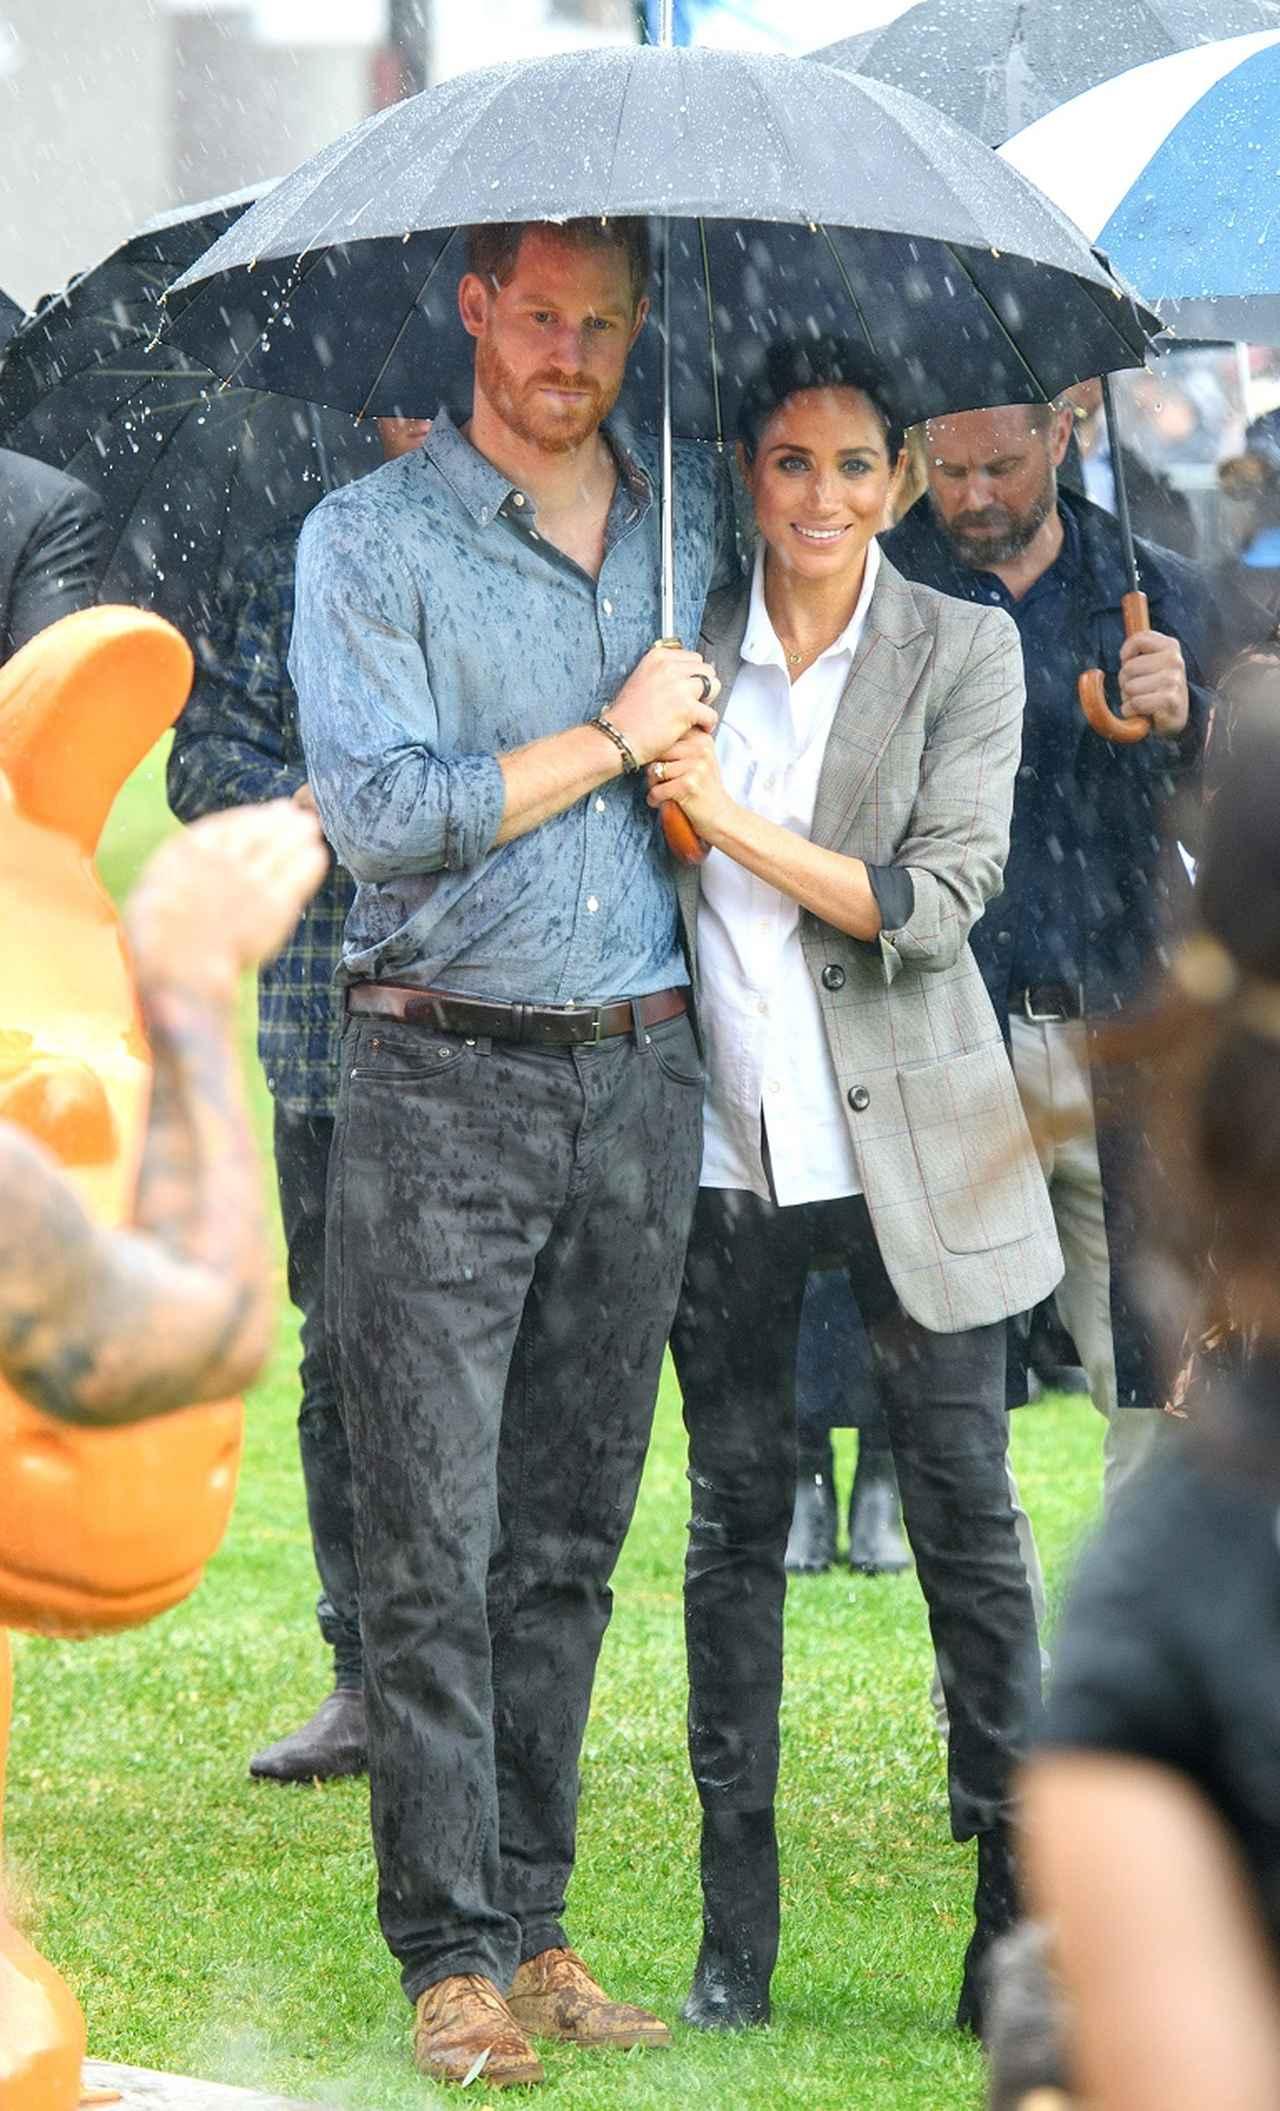 画像2: メーガン妃&ヘンリー王子夫妻、外遊の地で「ロイヤルミラクル」起こす